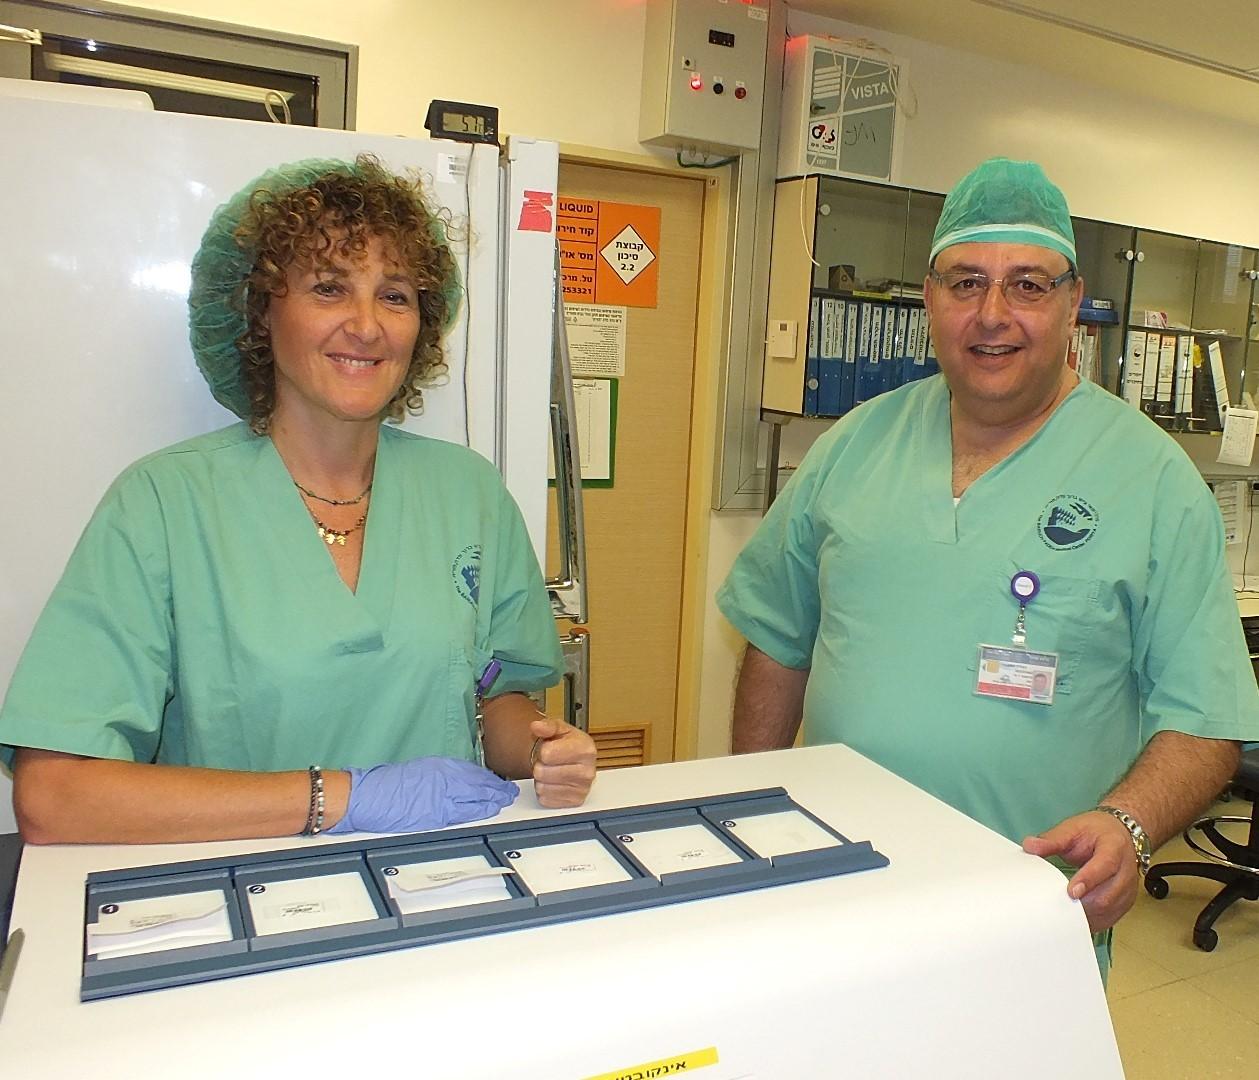 מיה צבן, דוברת המרכז הרפואי פדה- פוריה